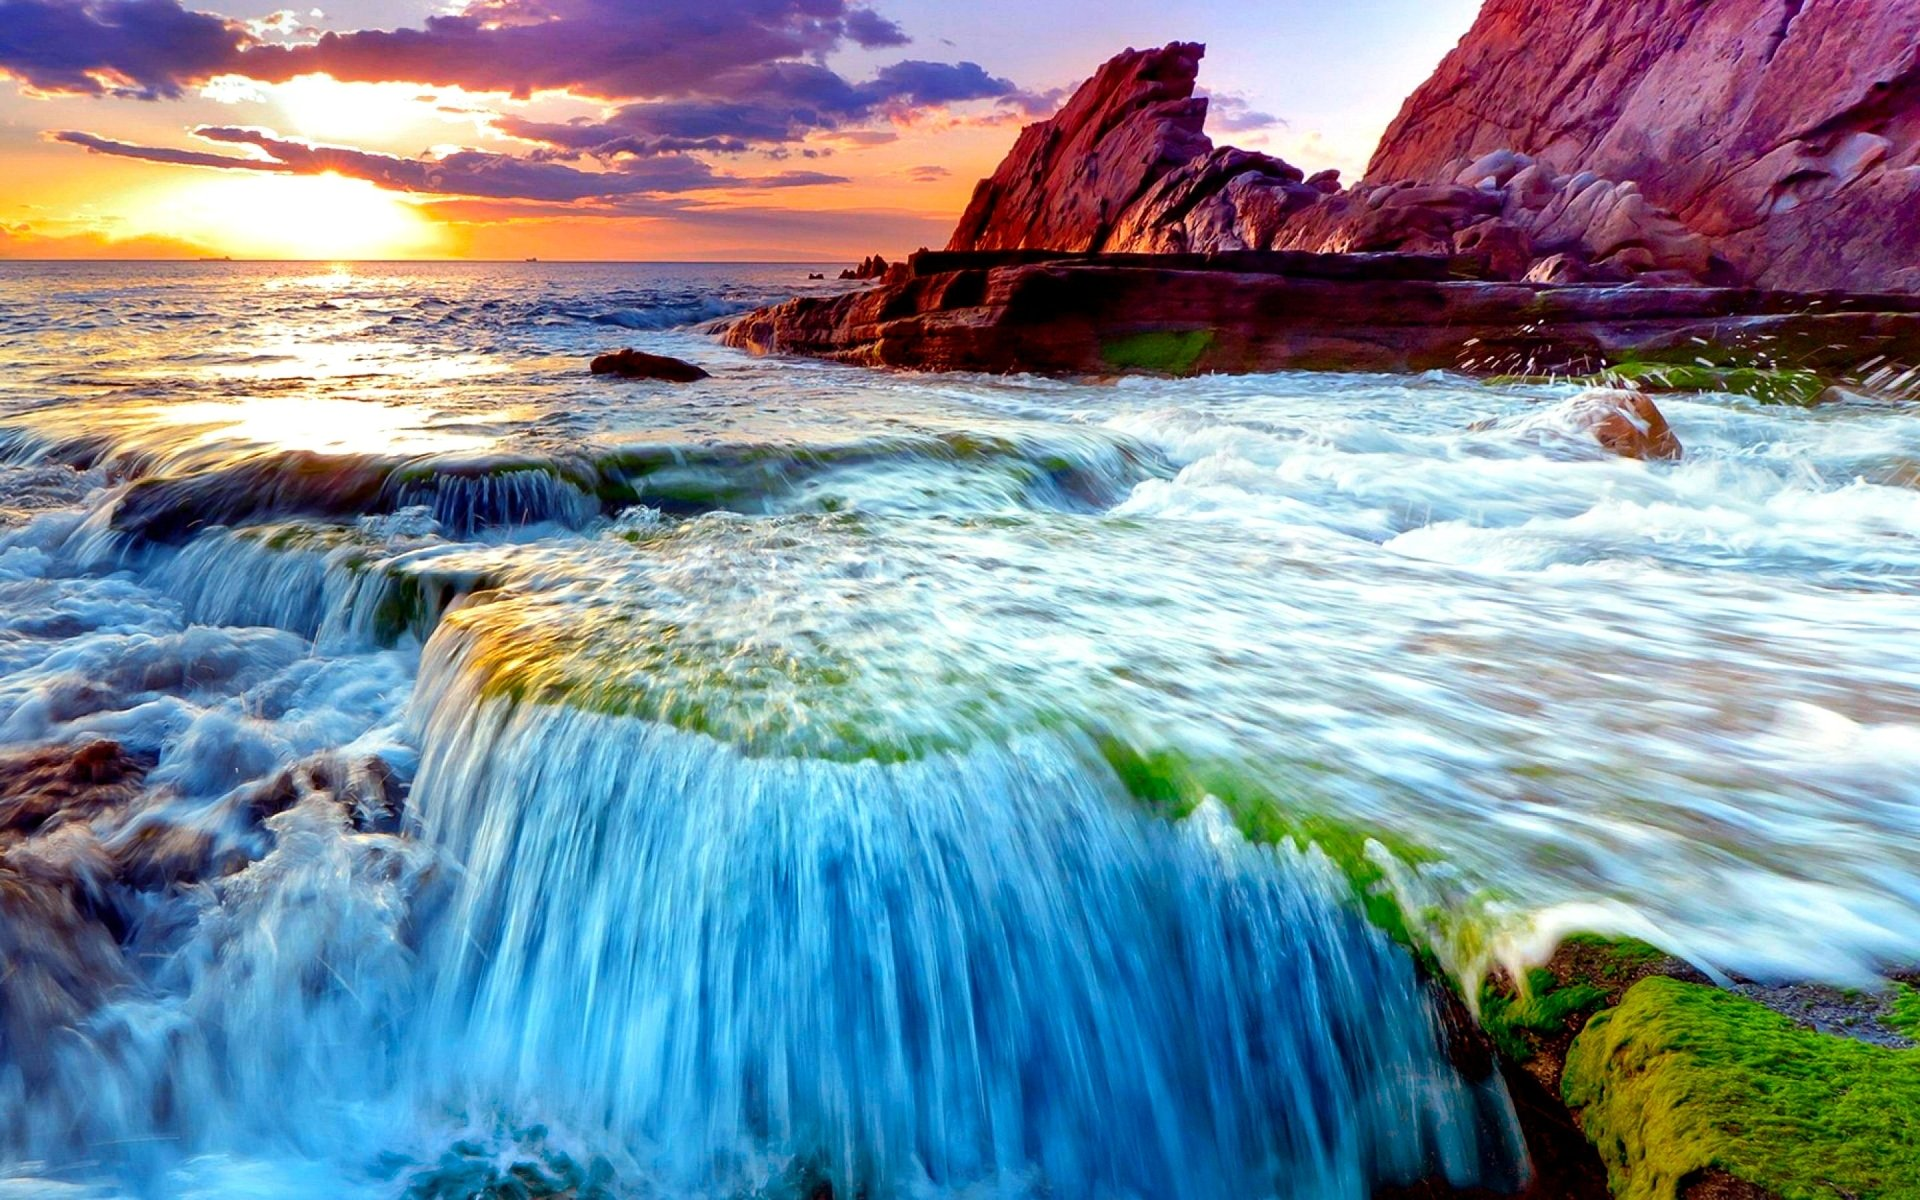 ocn waterfall